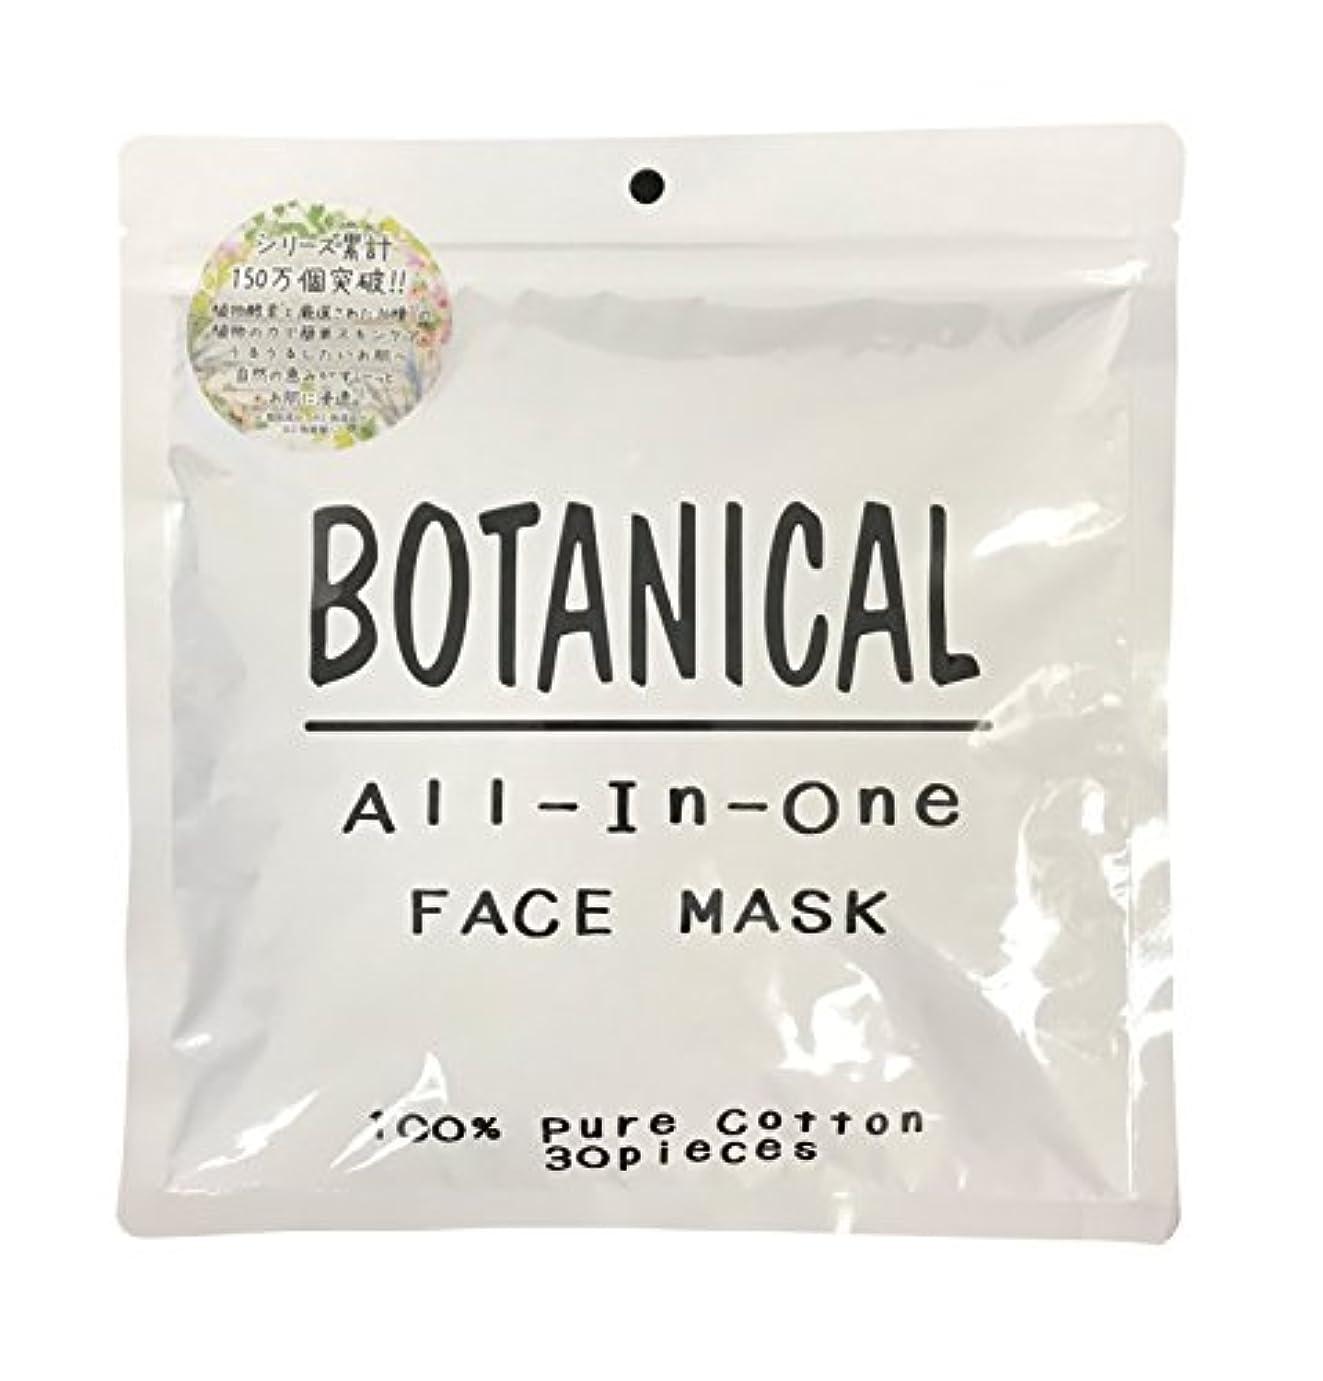 振り子味わうクリエイティブボタニカル(BOTANICAL) オールインワン フェイスマスク 30枚入